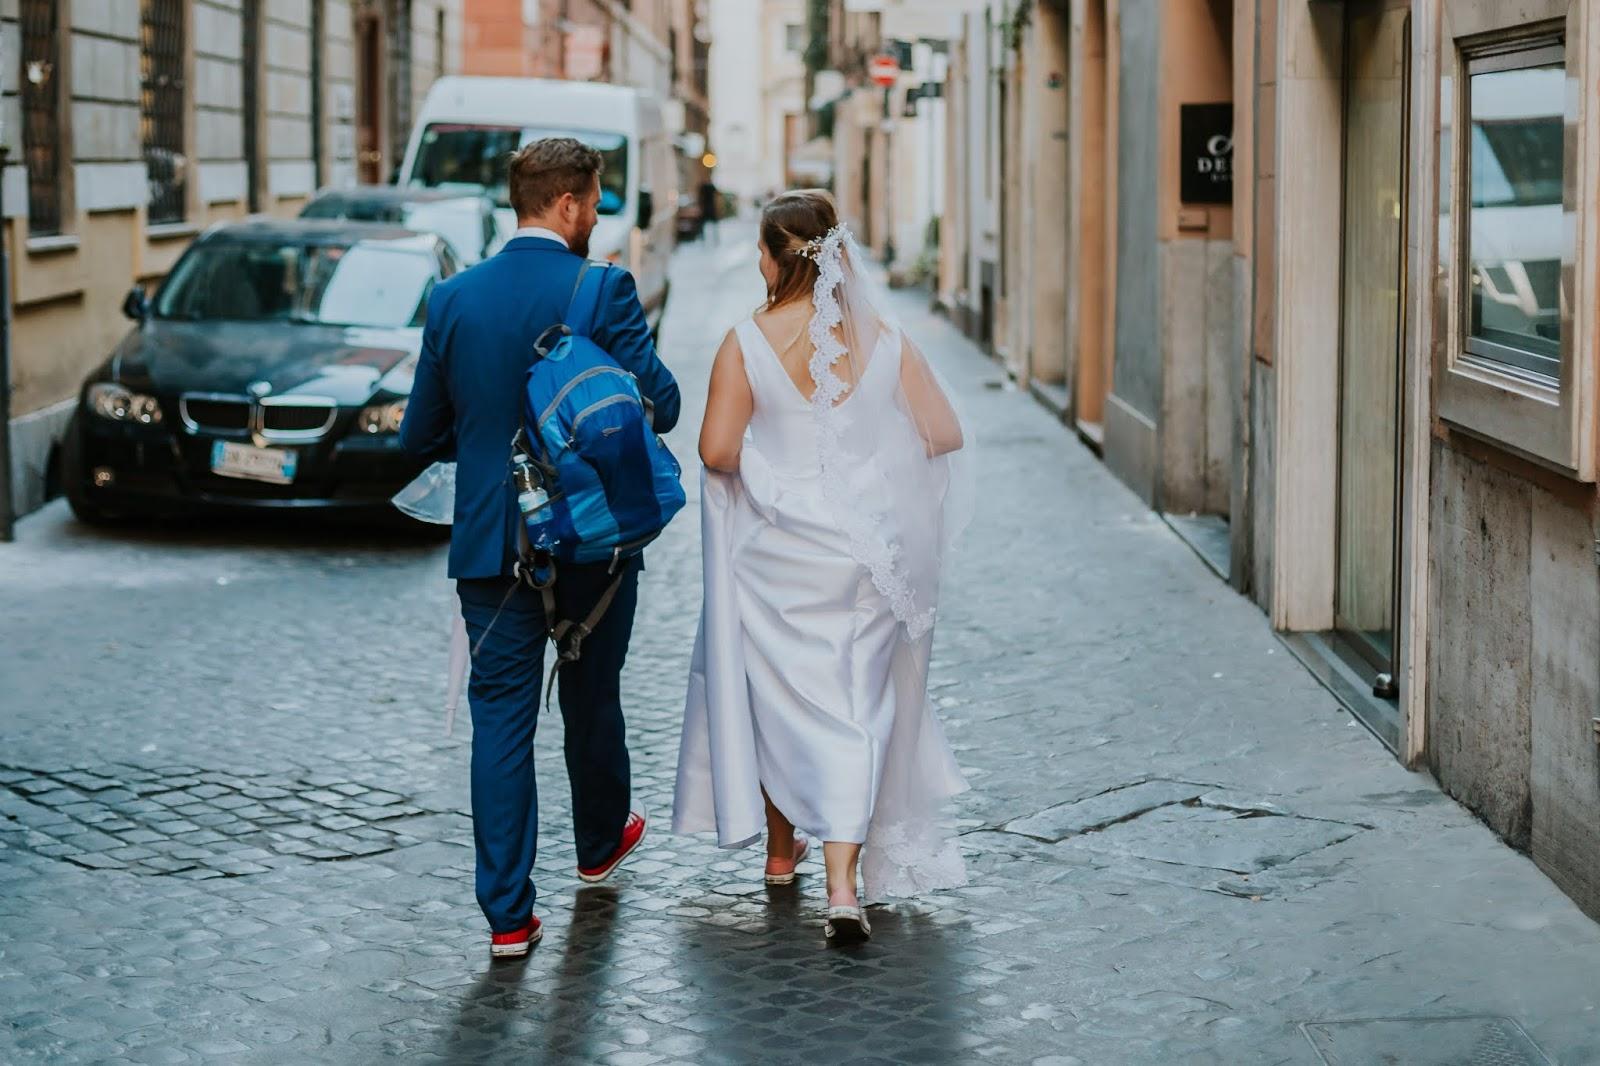 f0521115a22288 ... że zaczęłam pisać bloga weselnego i pochylam się nad postem dotyczącym  zapraszania gości weselnych, powiedziała mi, że jest jedna prosta zasada -  zaproś ...